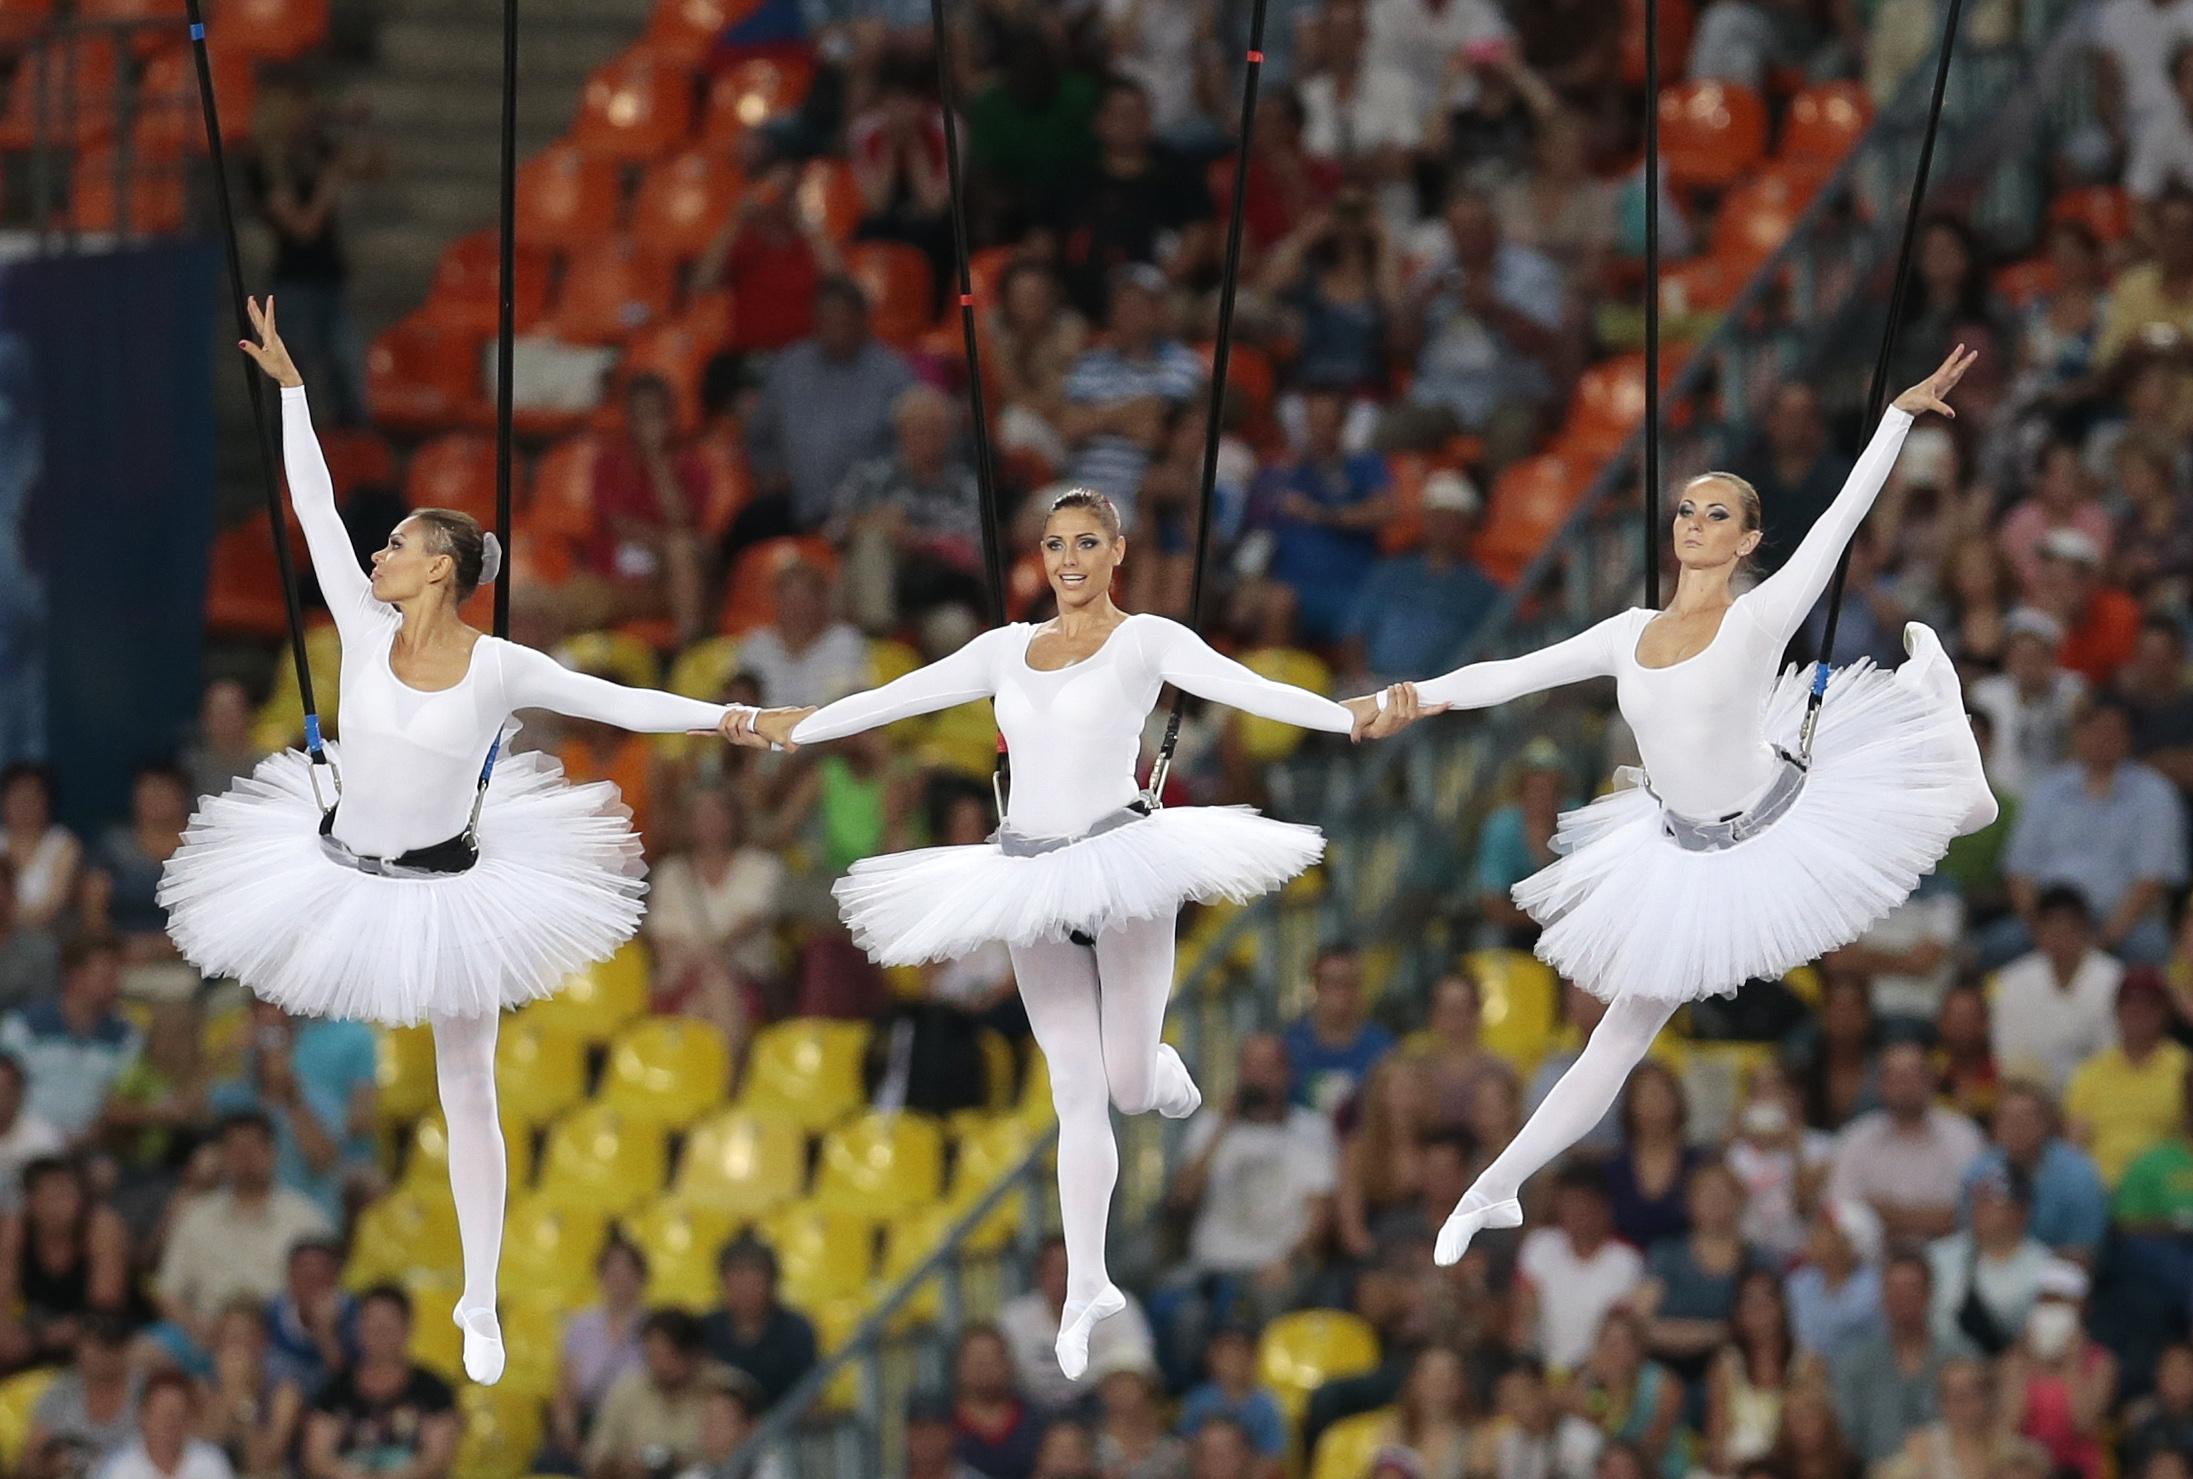 На церемонии открытия чемпионата мира по легкой атлетике в Москве над стадионом Лужники летали балерины